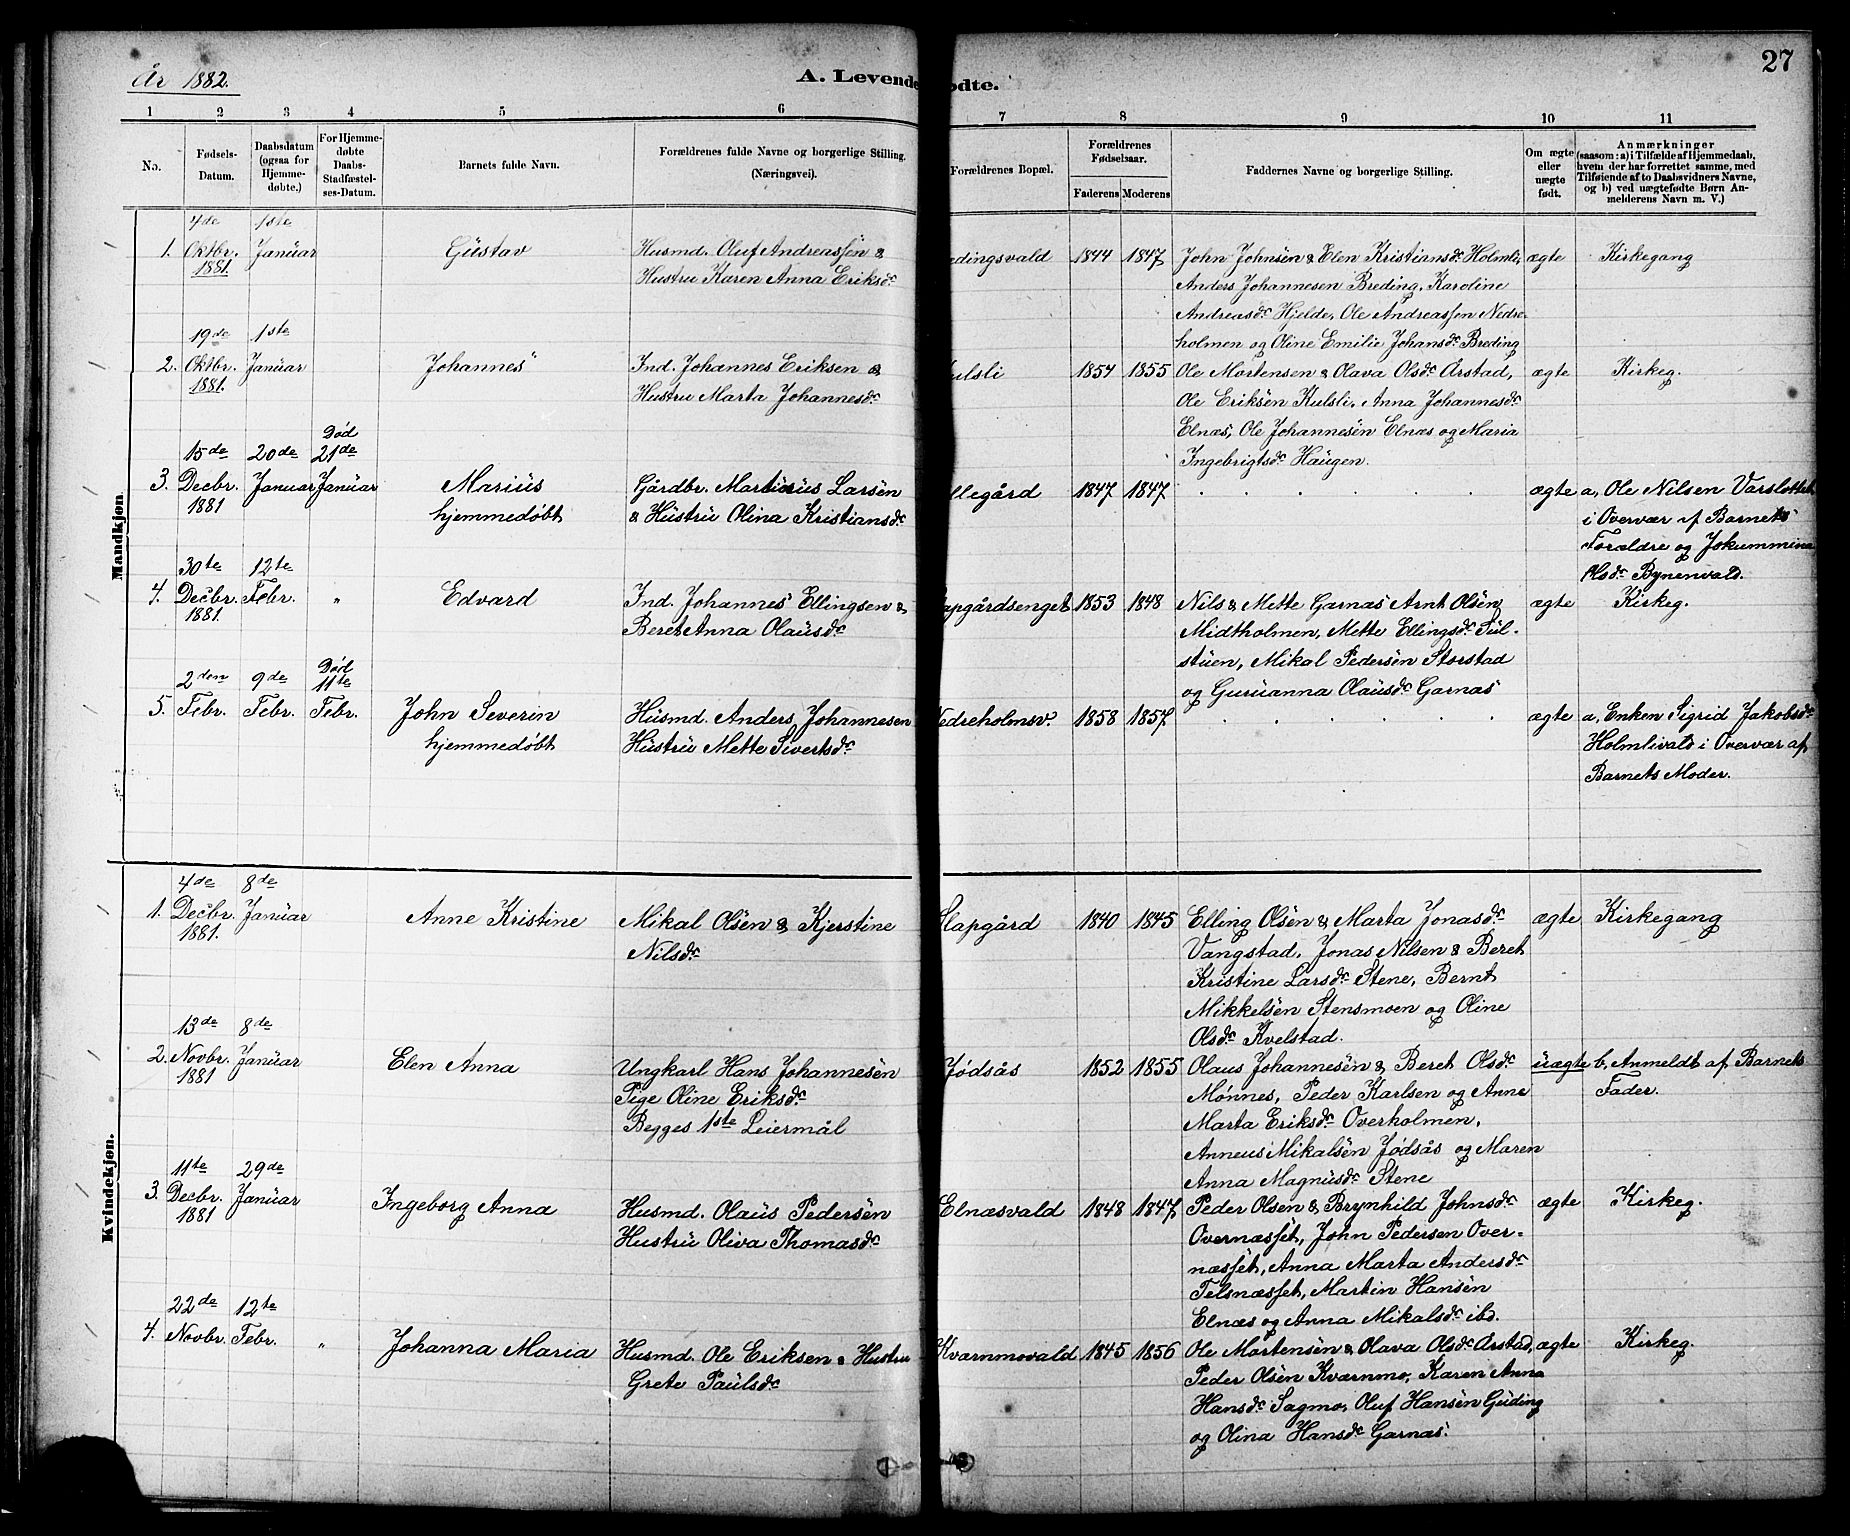 SAT, Ministerialprotokoller, klokkerbøker og fødselsregistre - Nord-Trøndelag, 724/L0267: Klokkerbok nr. 724C03, 1879-1898, s. 27